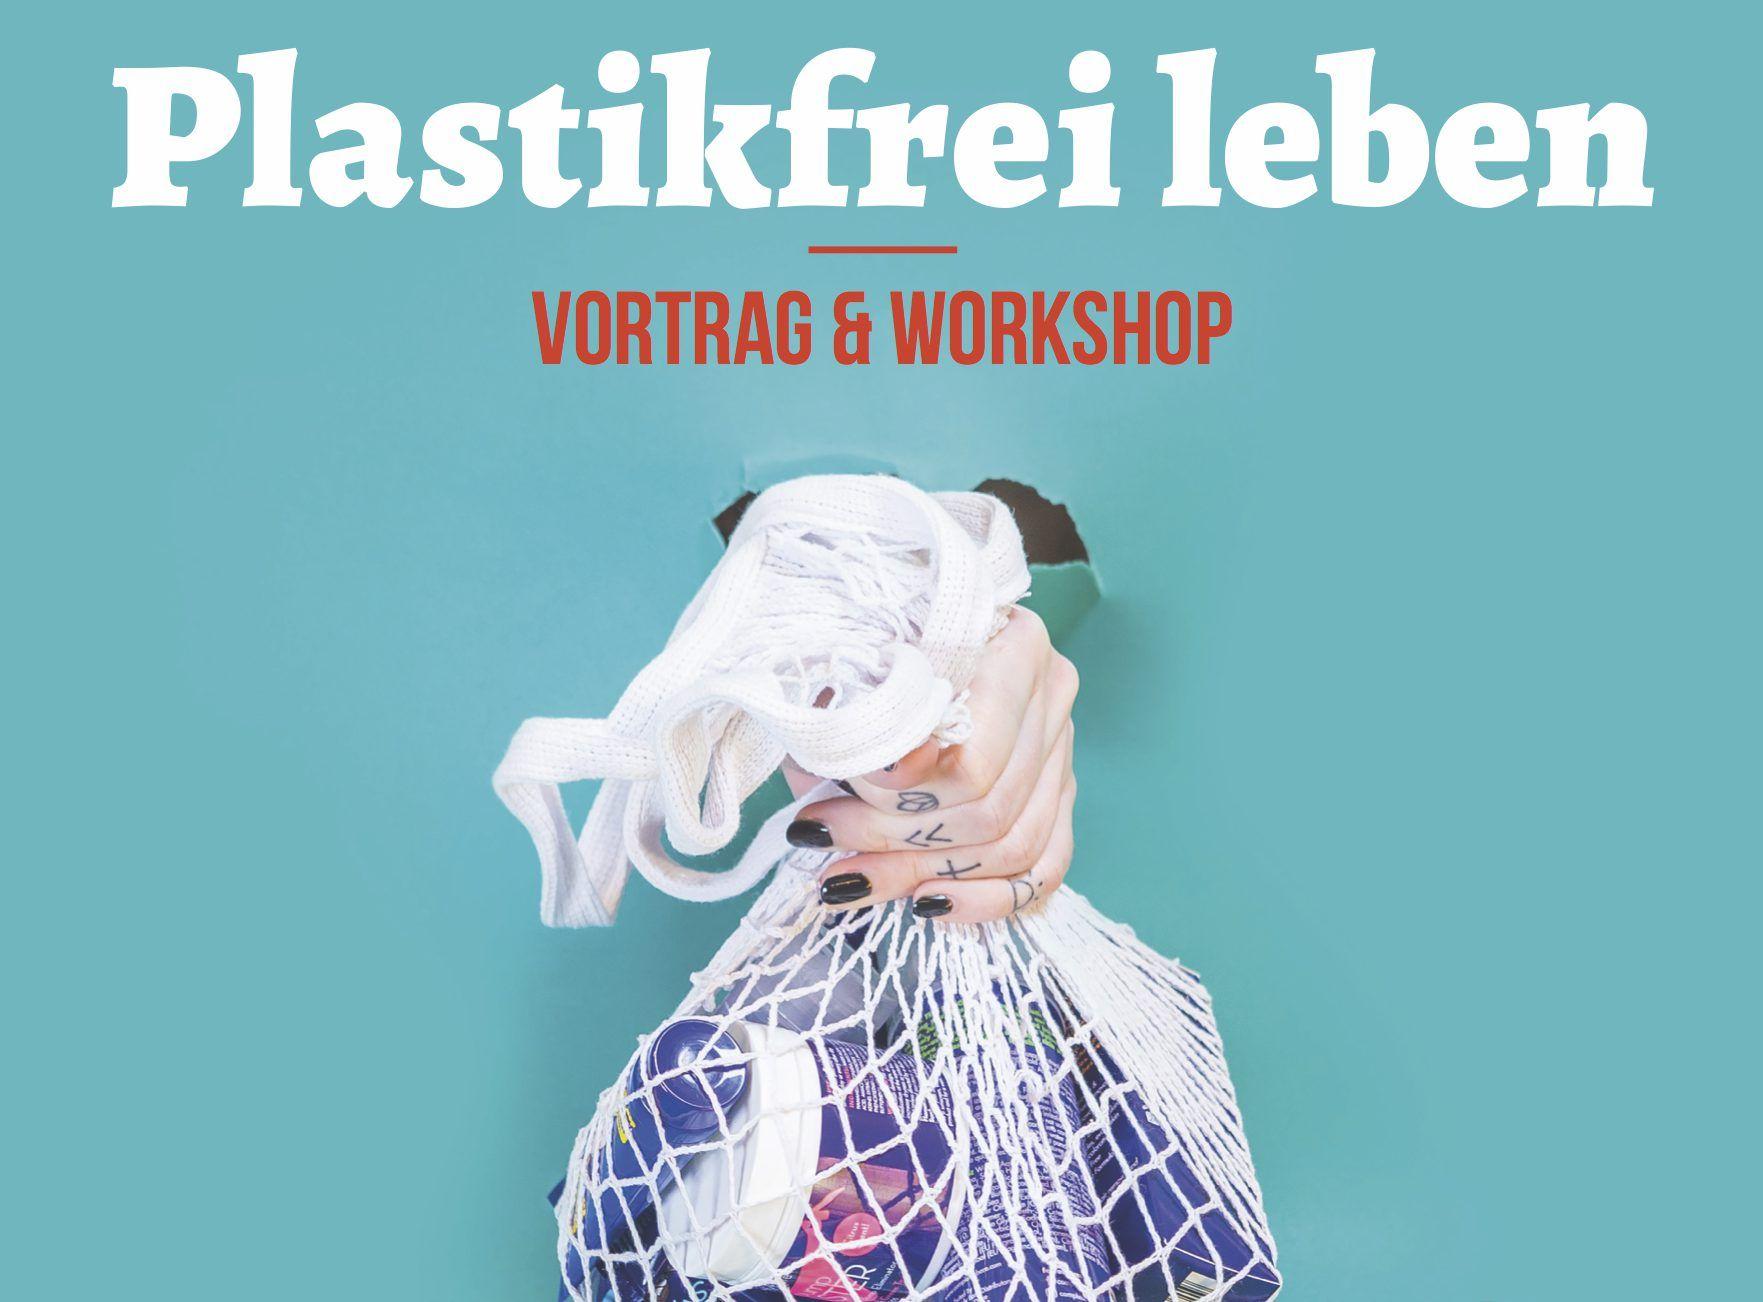 Plastikfrei leben! Vortrag, Workshop und Stammtisch in Hameln